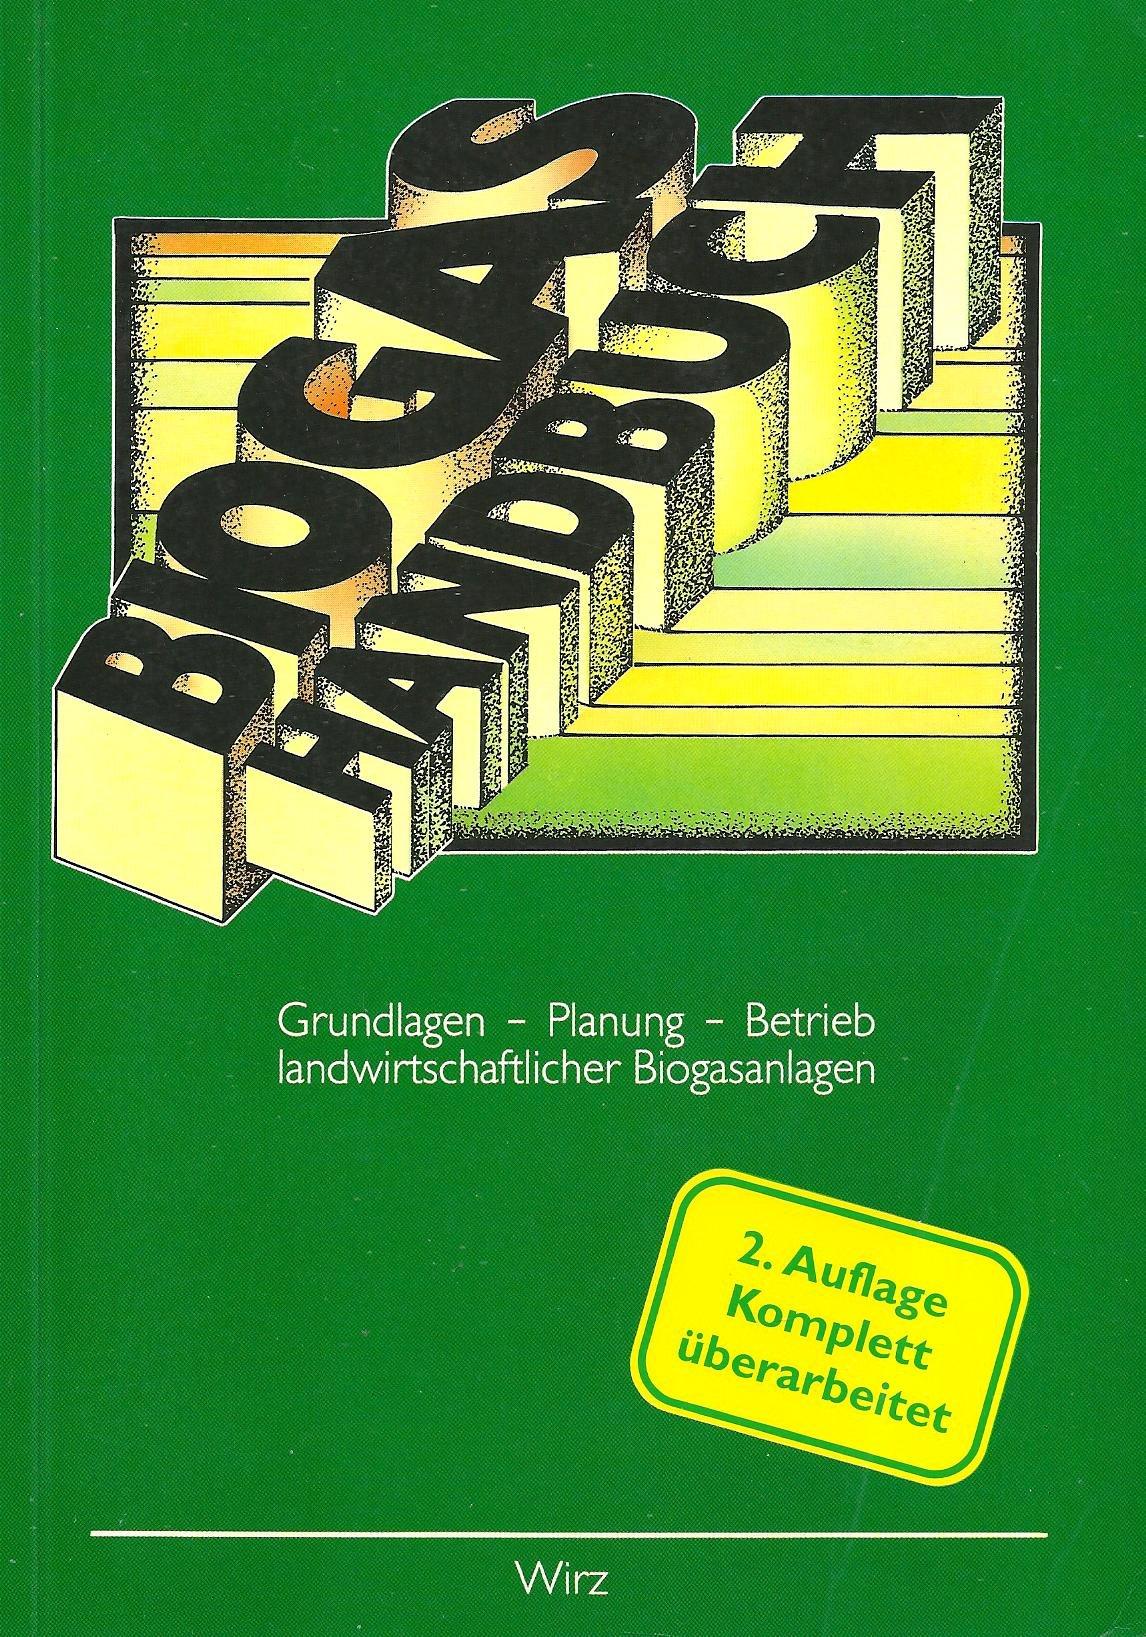 Biogas-Handbuch. Grundlagen, Planung, Betrieb landwirtschaftlicher Anlagen